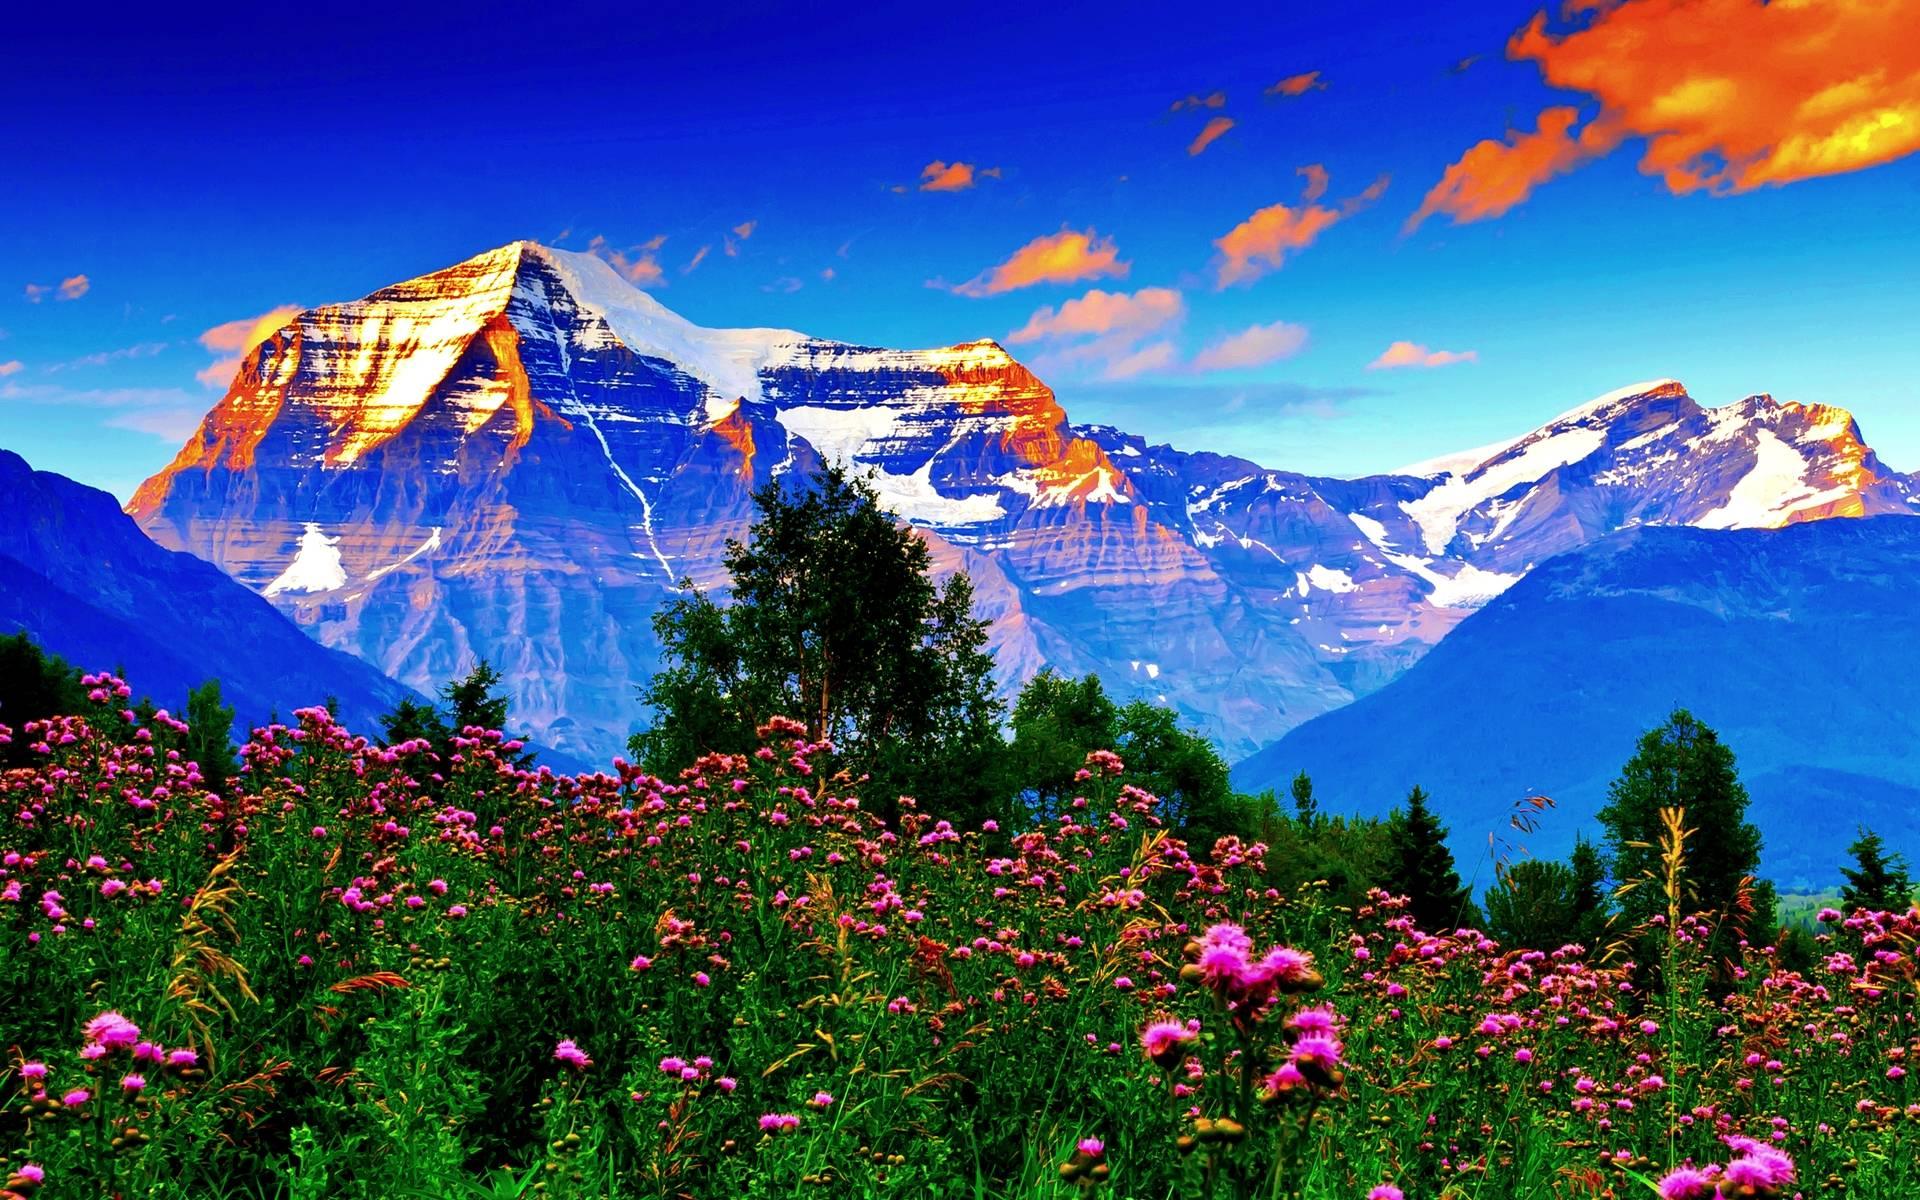 Spring Mountain Landscape HD desktop wallpaper Widescreen High